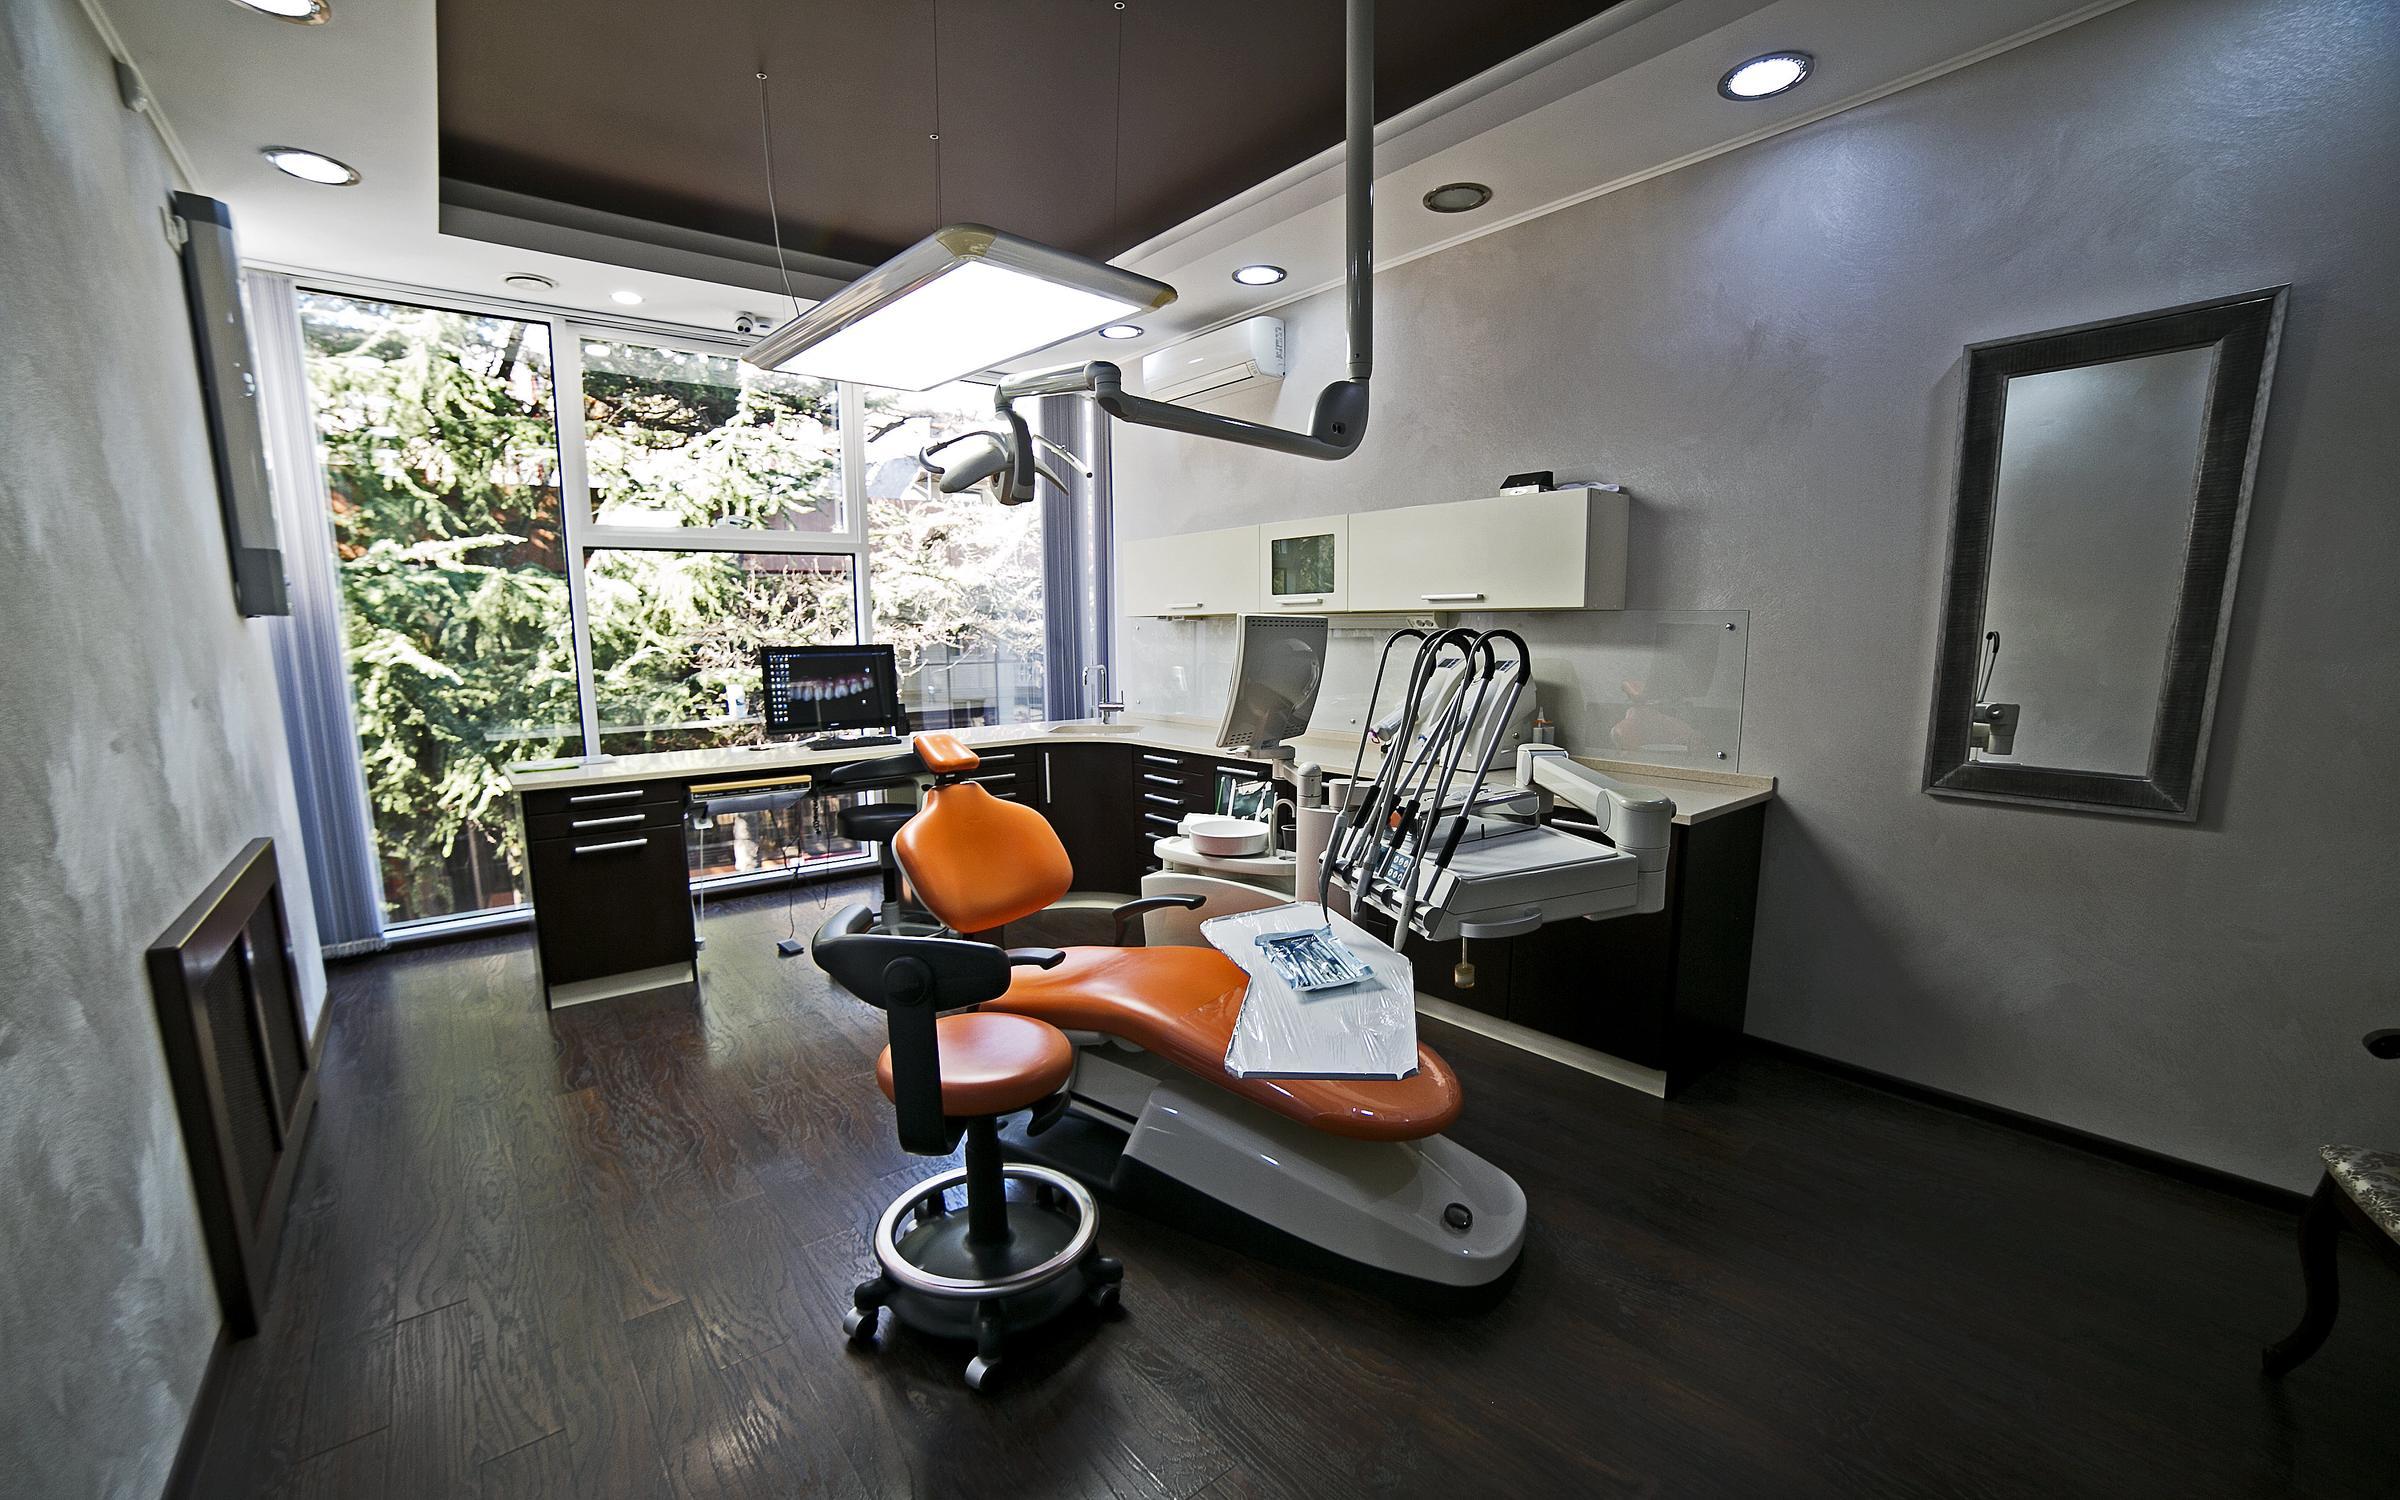 фотография Стоматологической клиники Медикус на Демократической улице